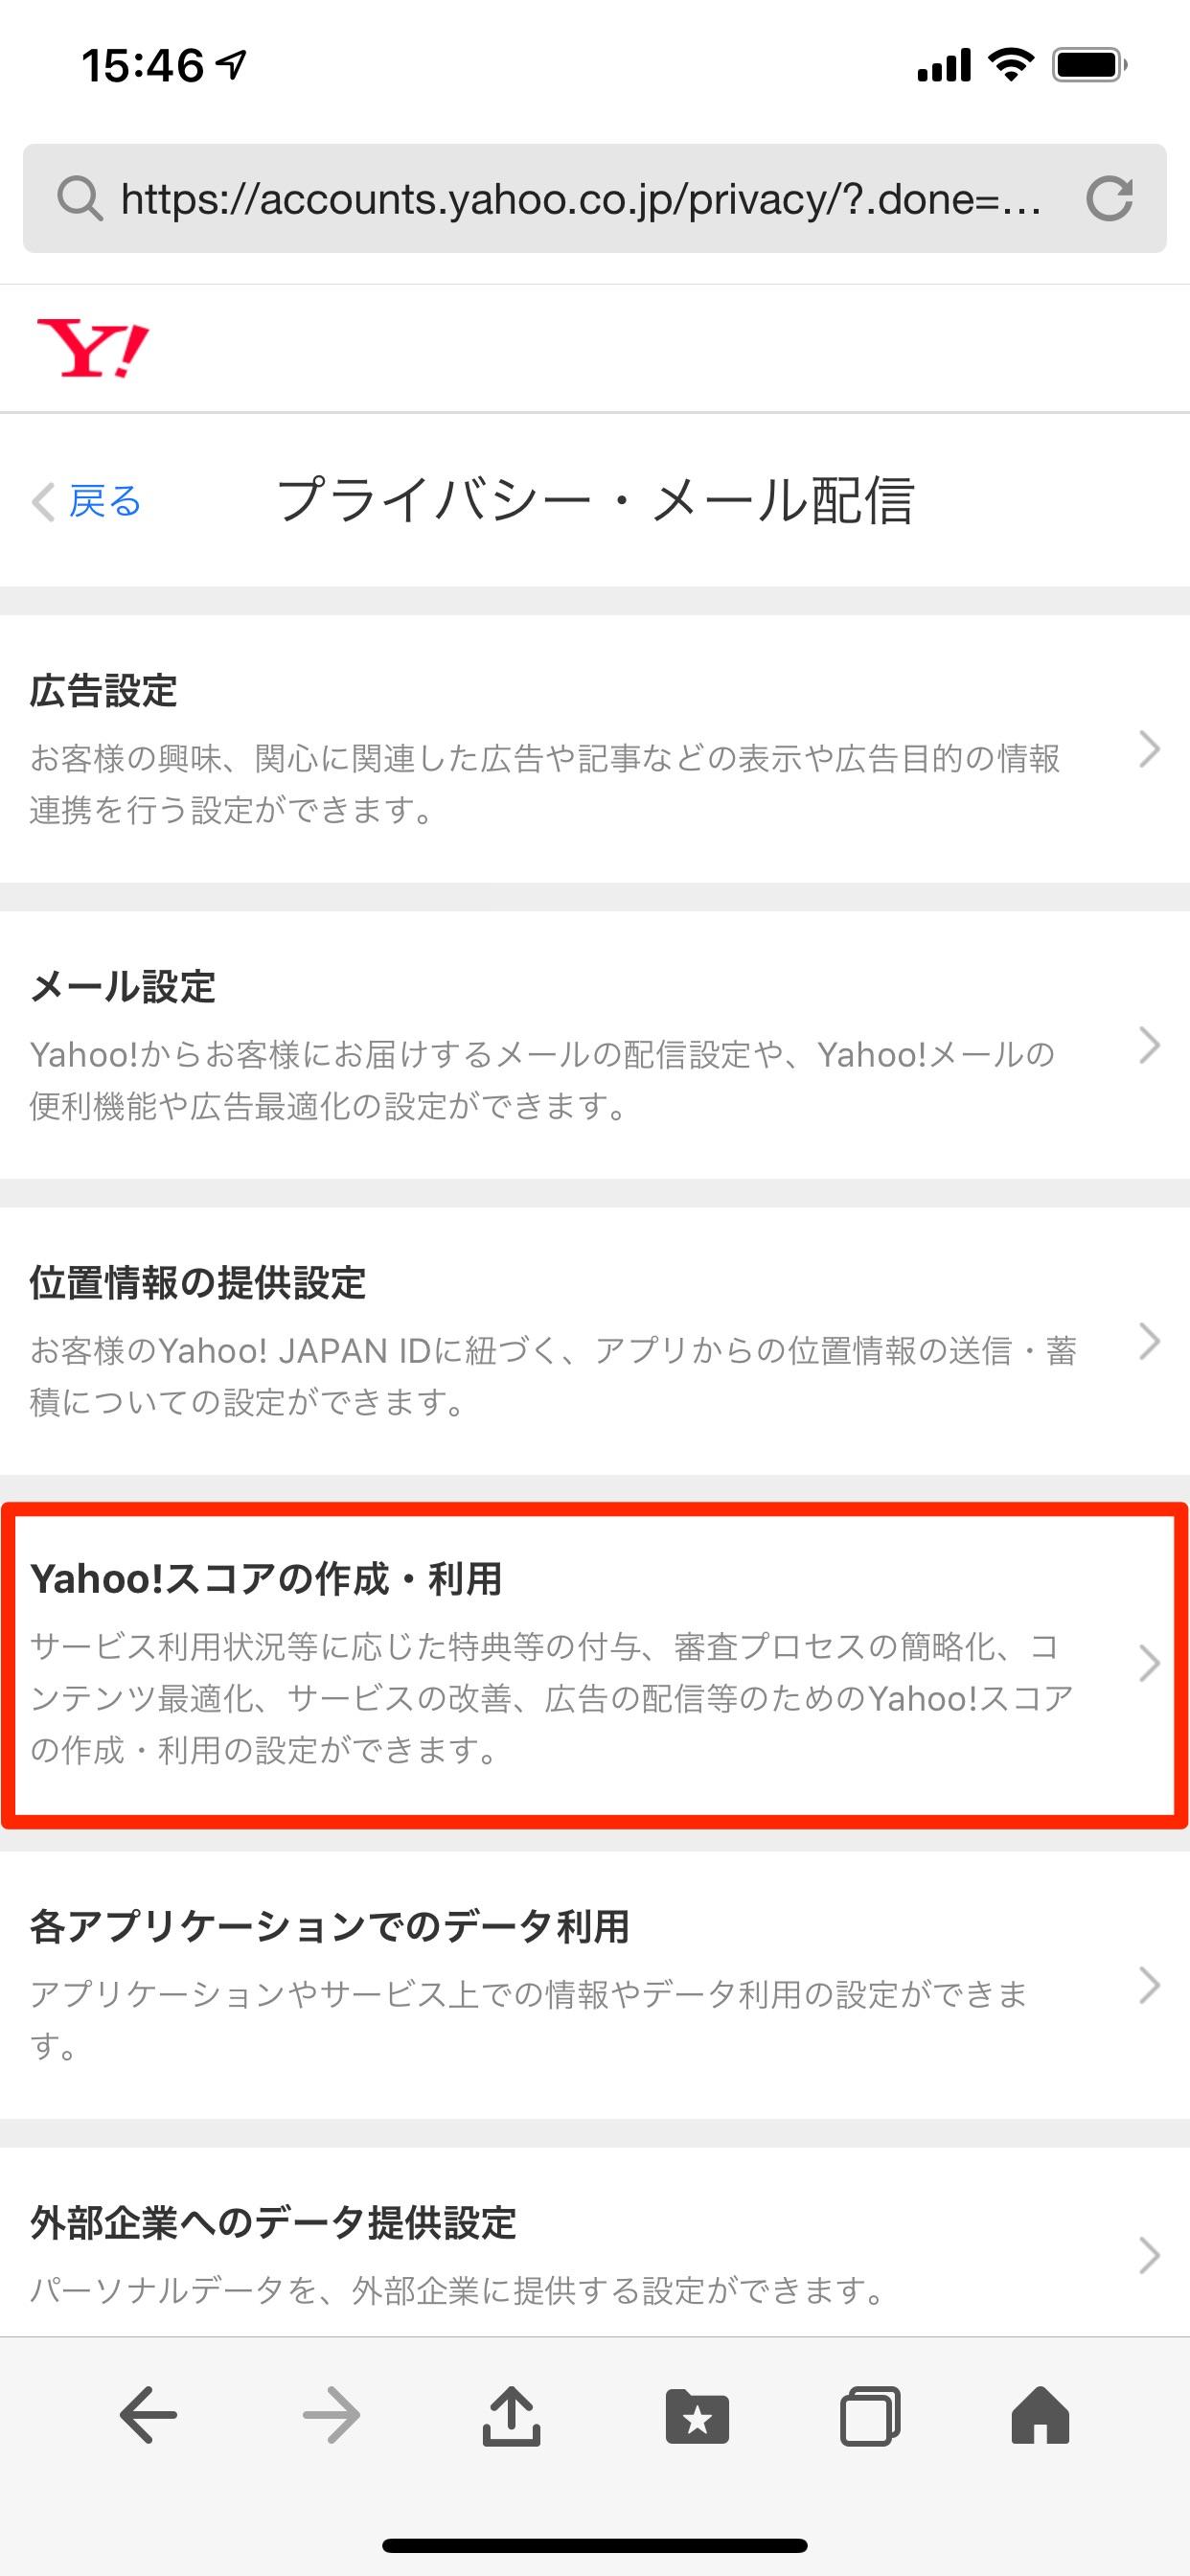 yahoo-score-app-4